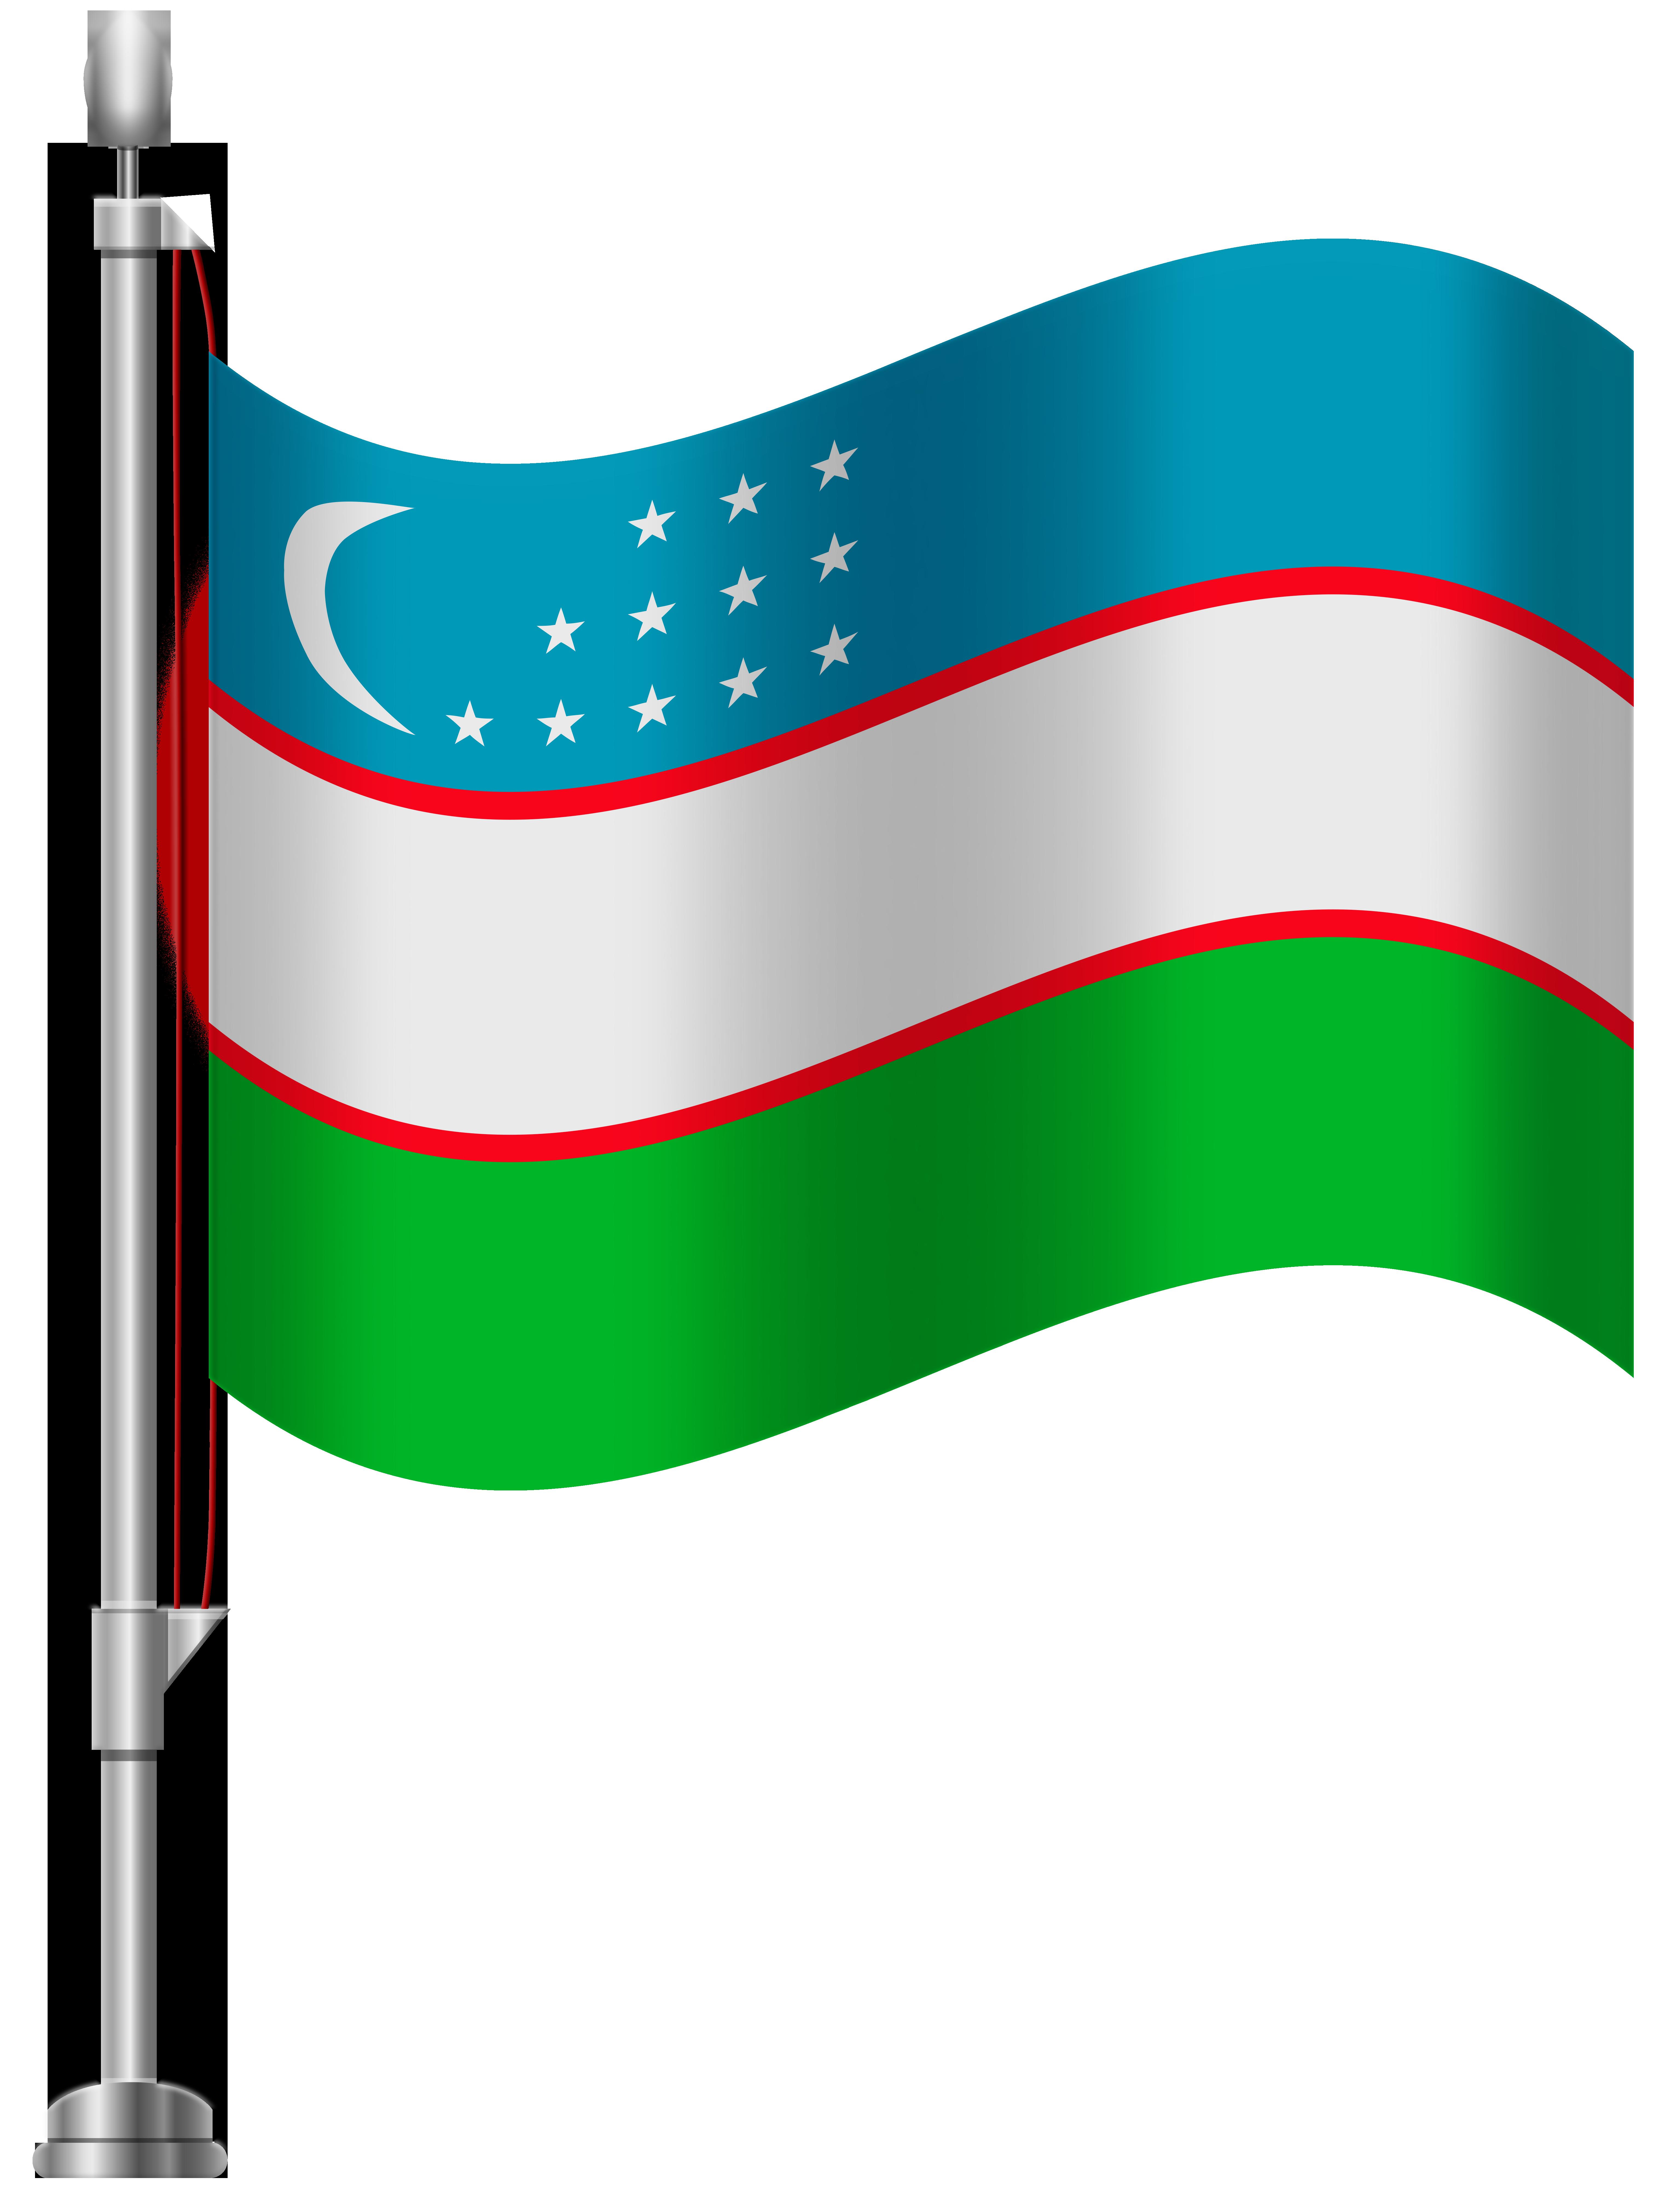 Flag of uzbekistan clipart image freeuse stock Uzbekistan Flag PNG Clip Art - Best WEB Clipart image freeuse stock